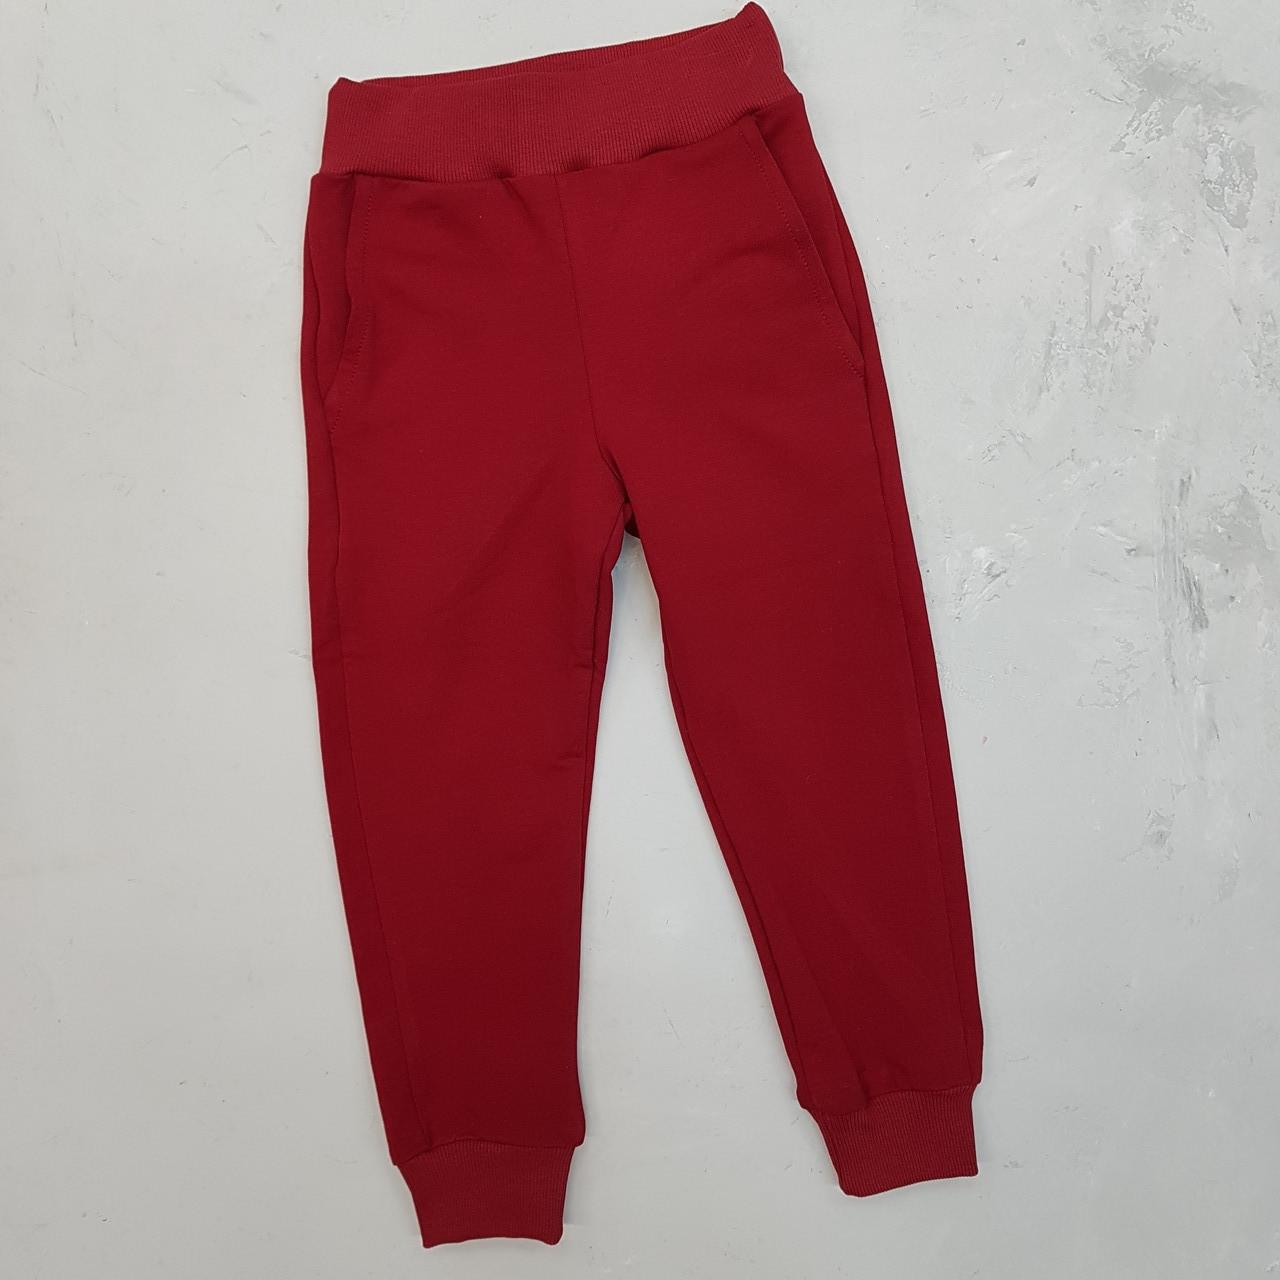 Спортивні штани для хлопчика двухнить бордові